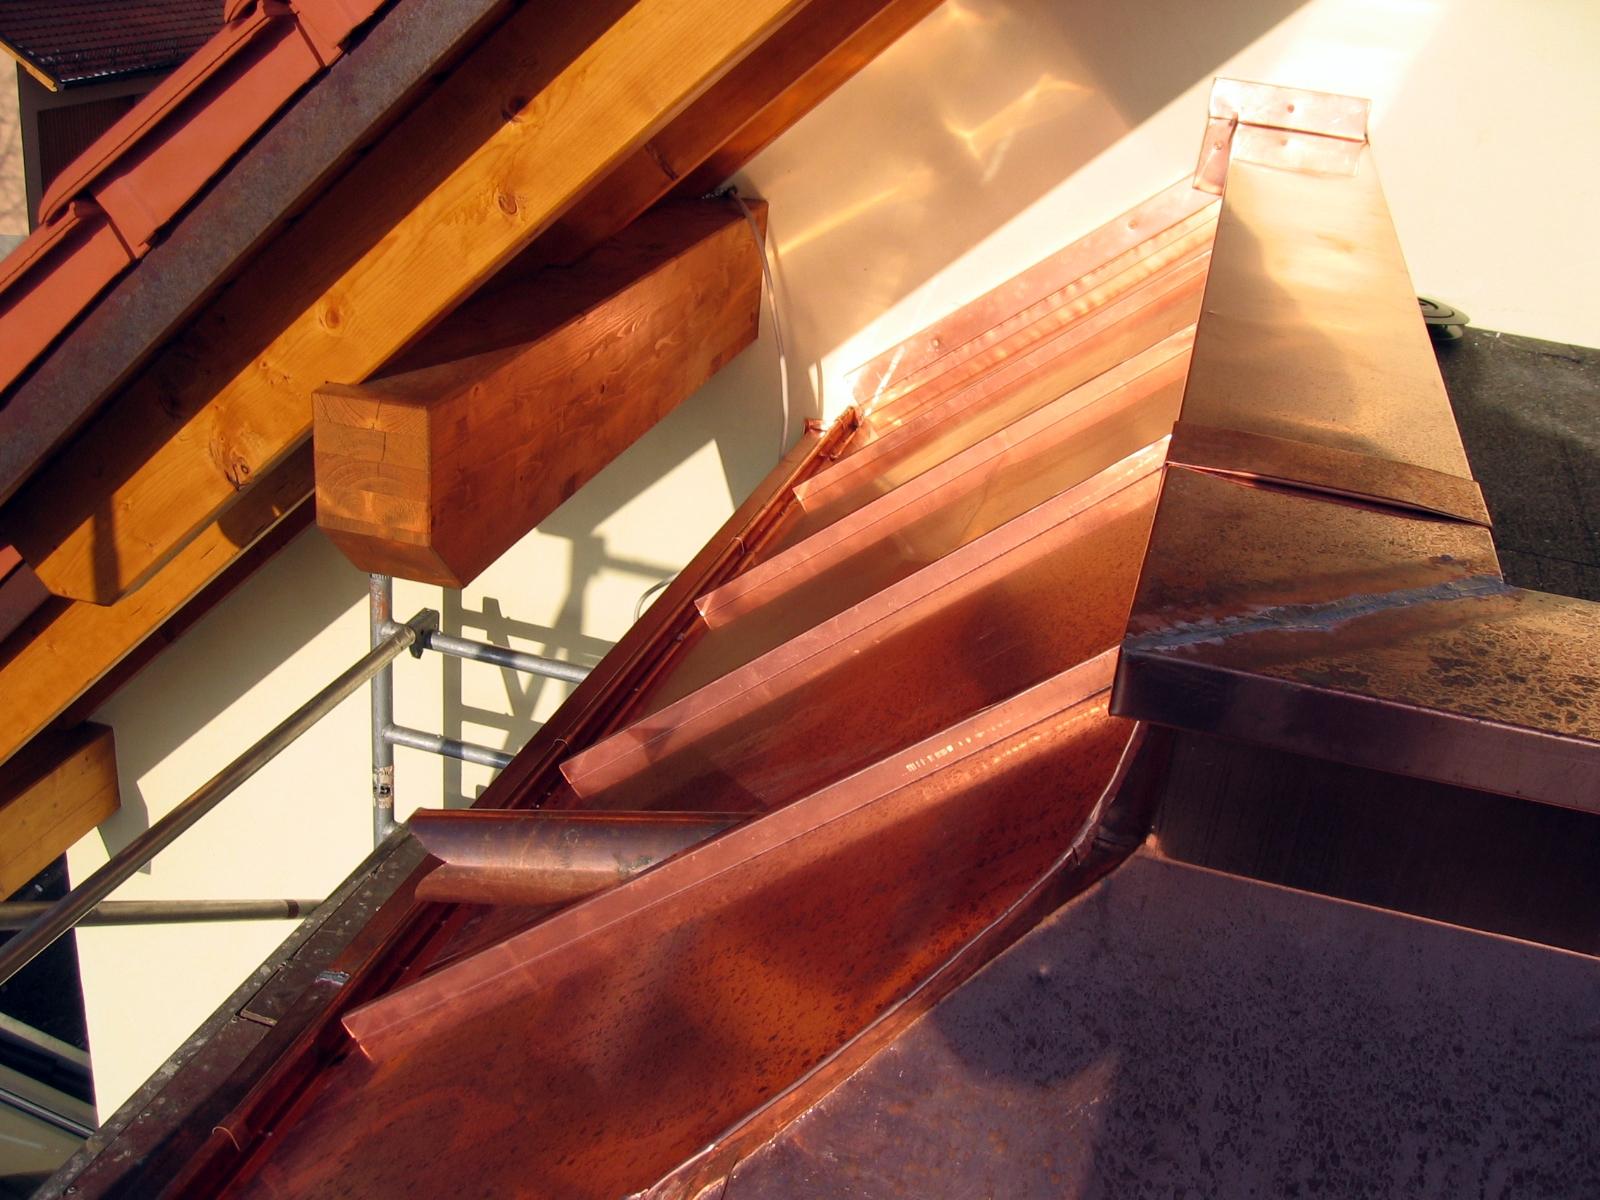 Stehfalzdach-Kupfer-Spenglerarbeiten Rodgau